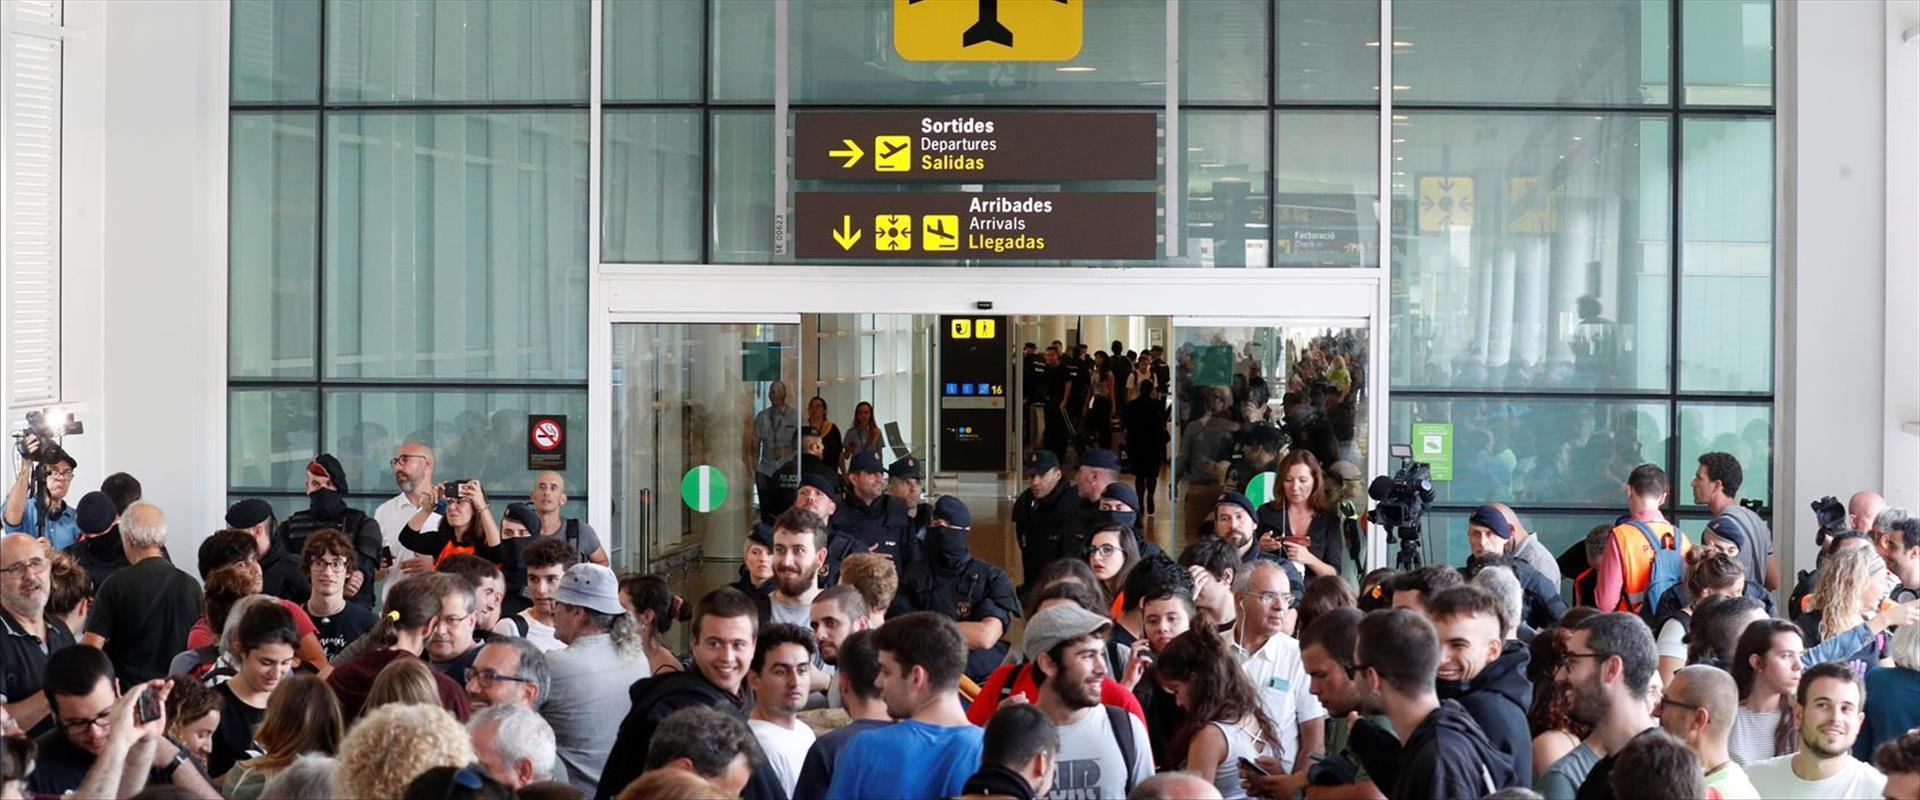 מוחים קטלאנים חוסמים כניסה בשדה התעופה